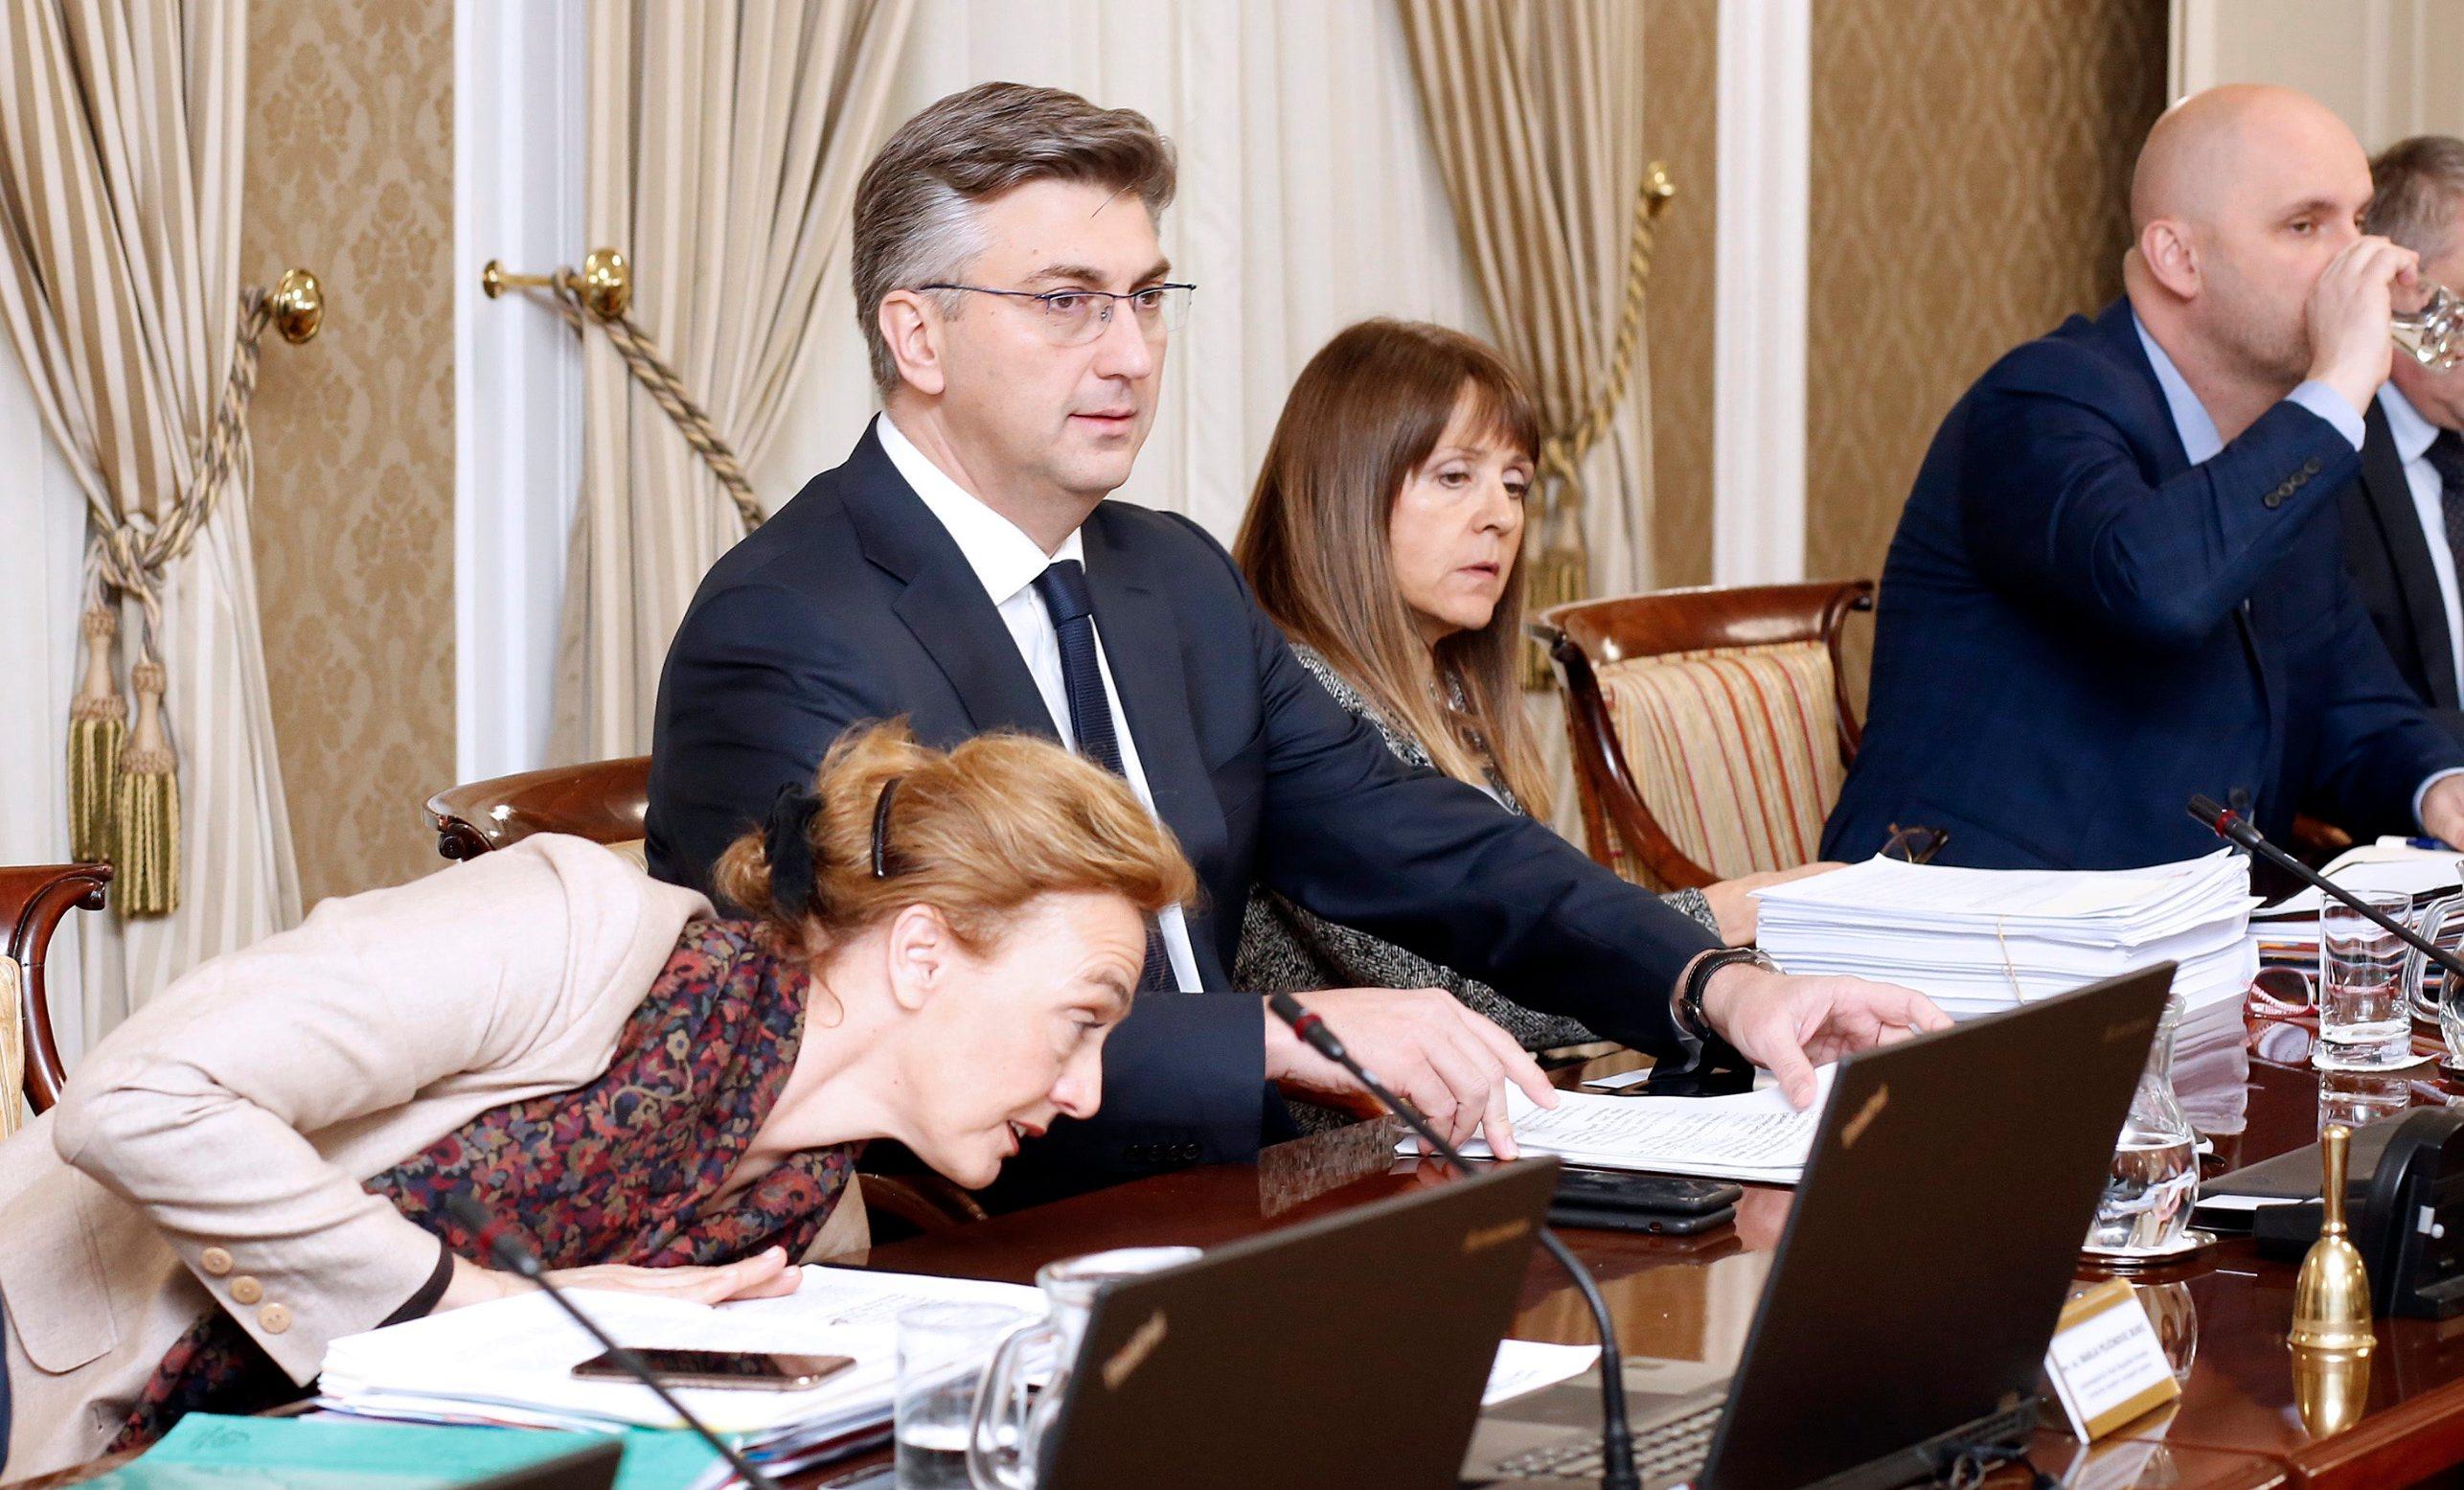 Ministrica vanjskih i europskih poslova Marija Pejčinović Burić, premijer Andrej Plenković i potpredsjednik vlade Tomislav Tolušić